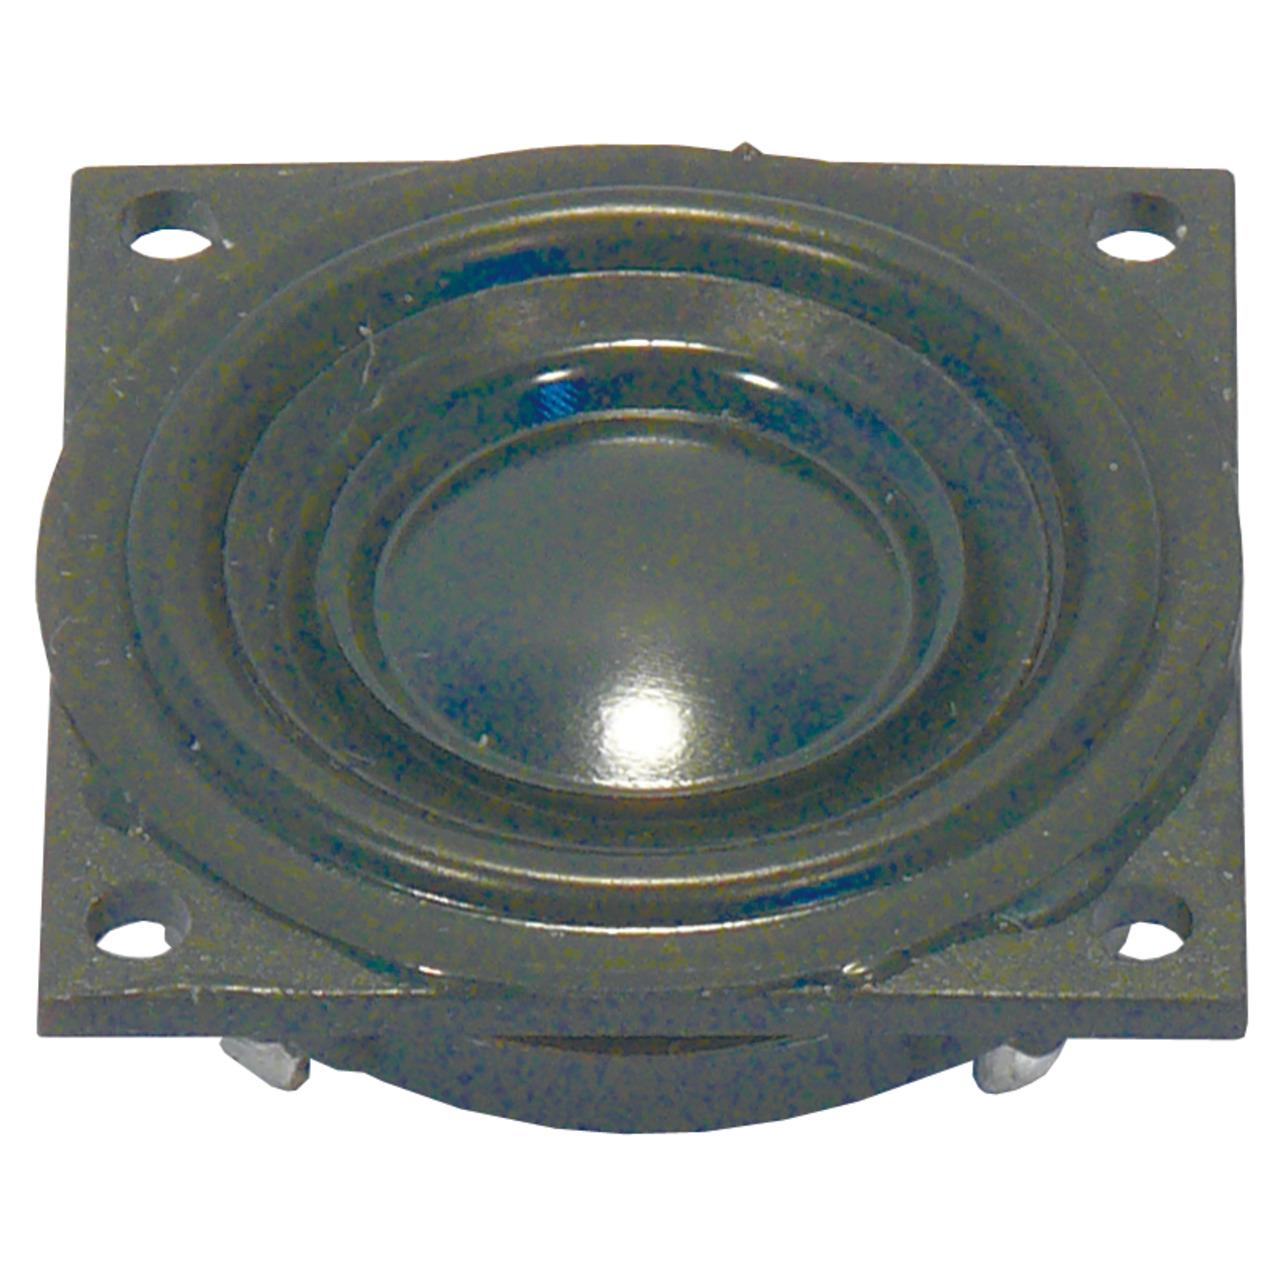 VISATON Kleinlautsprecher mit Kunststoffmembran und quadratischem Kunststoffkorb- K 23 SQ-8 Ohm